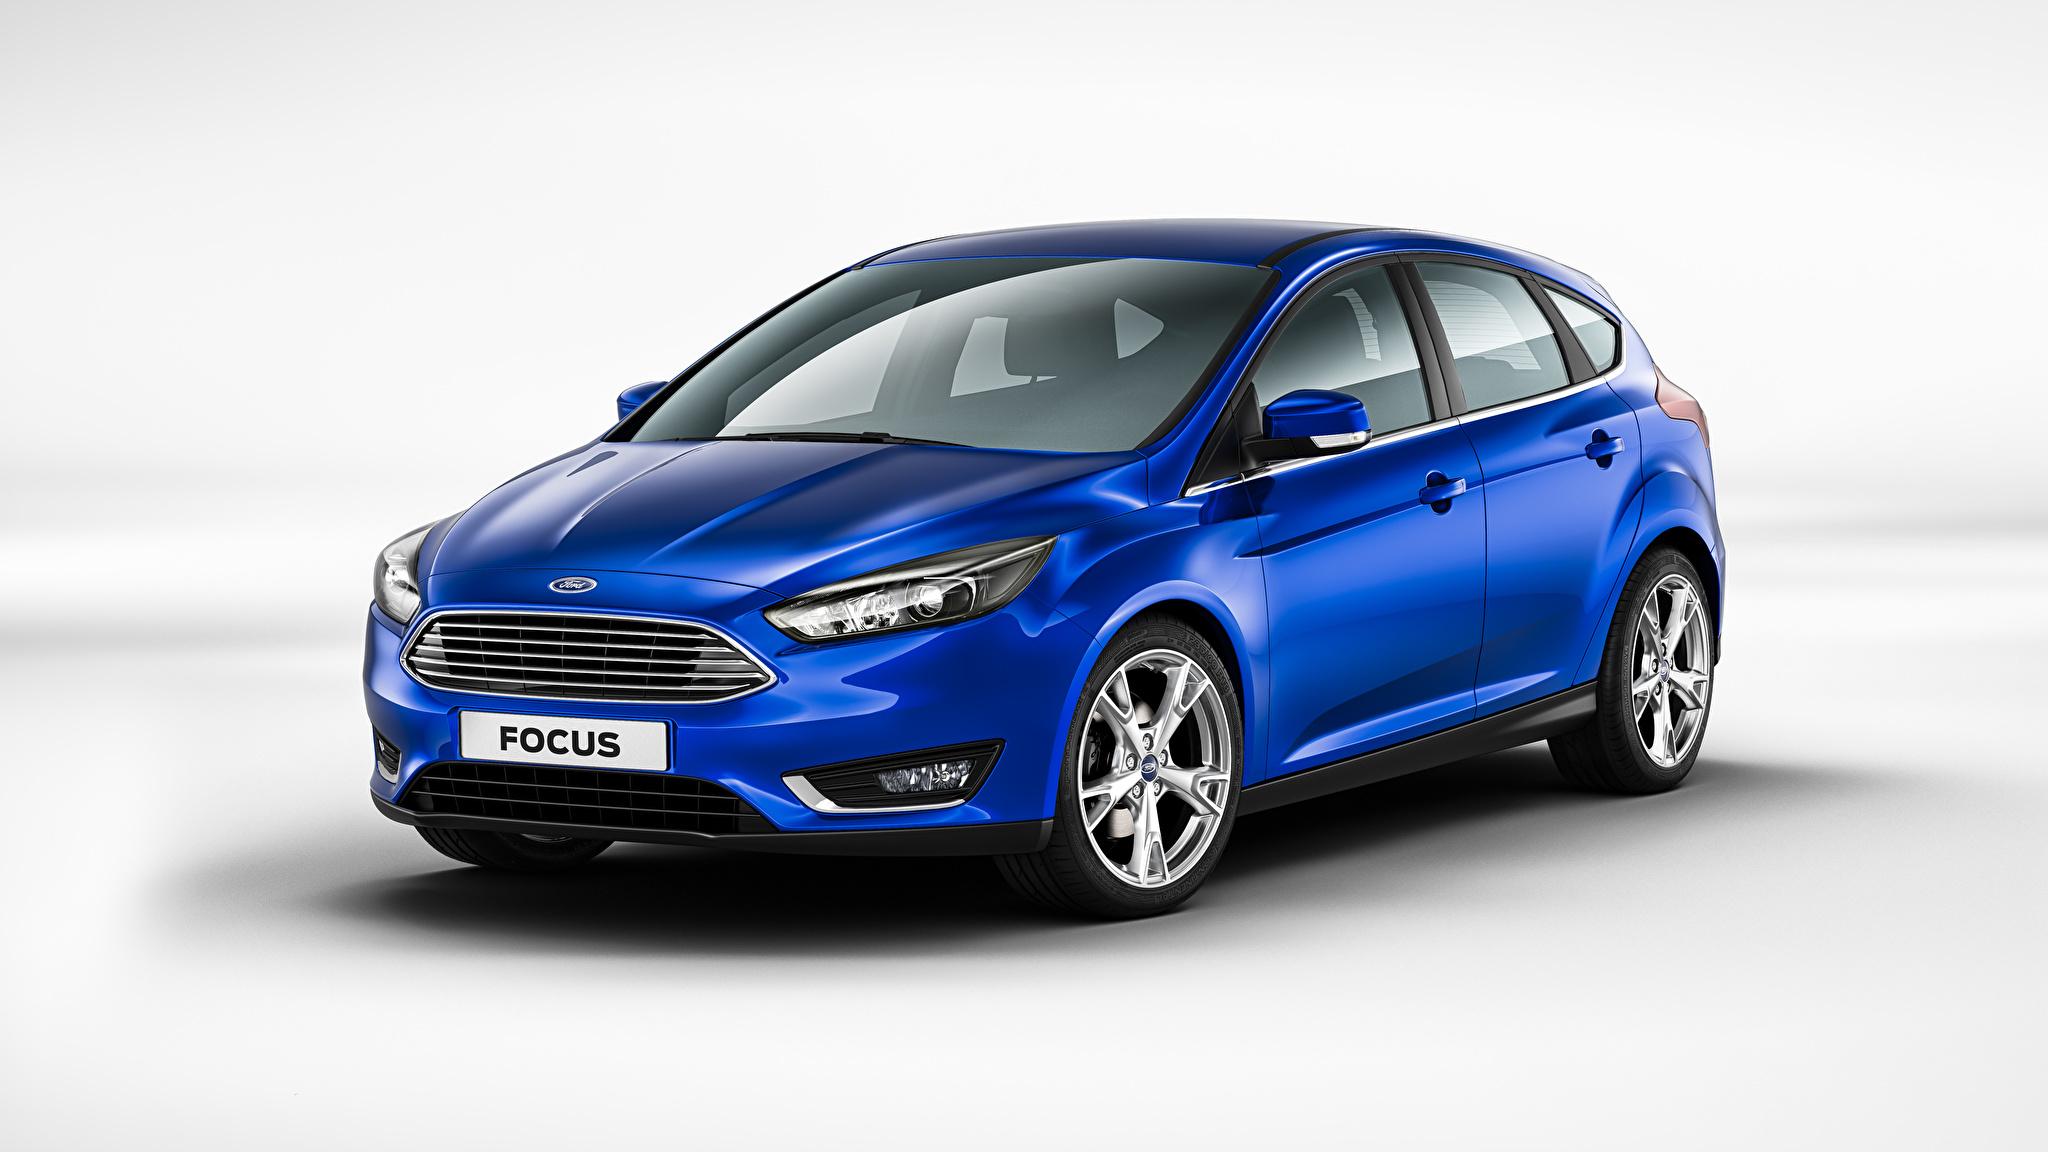 Ford Focus 2 — FFClub